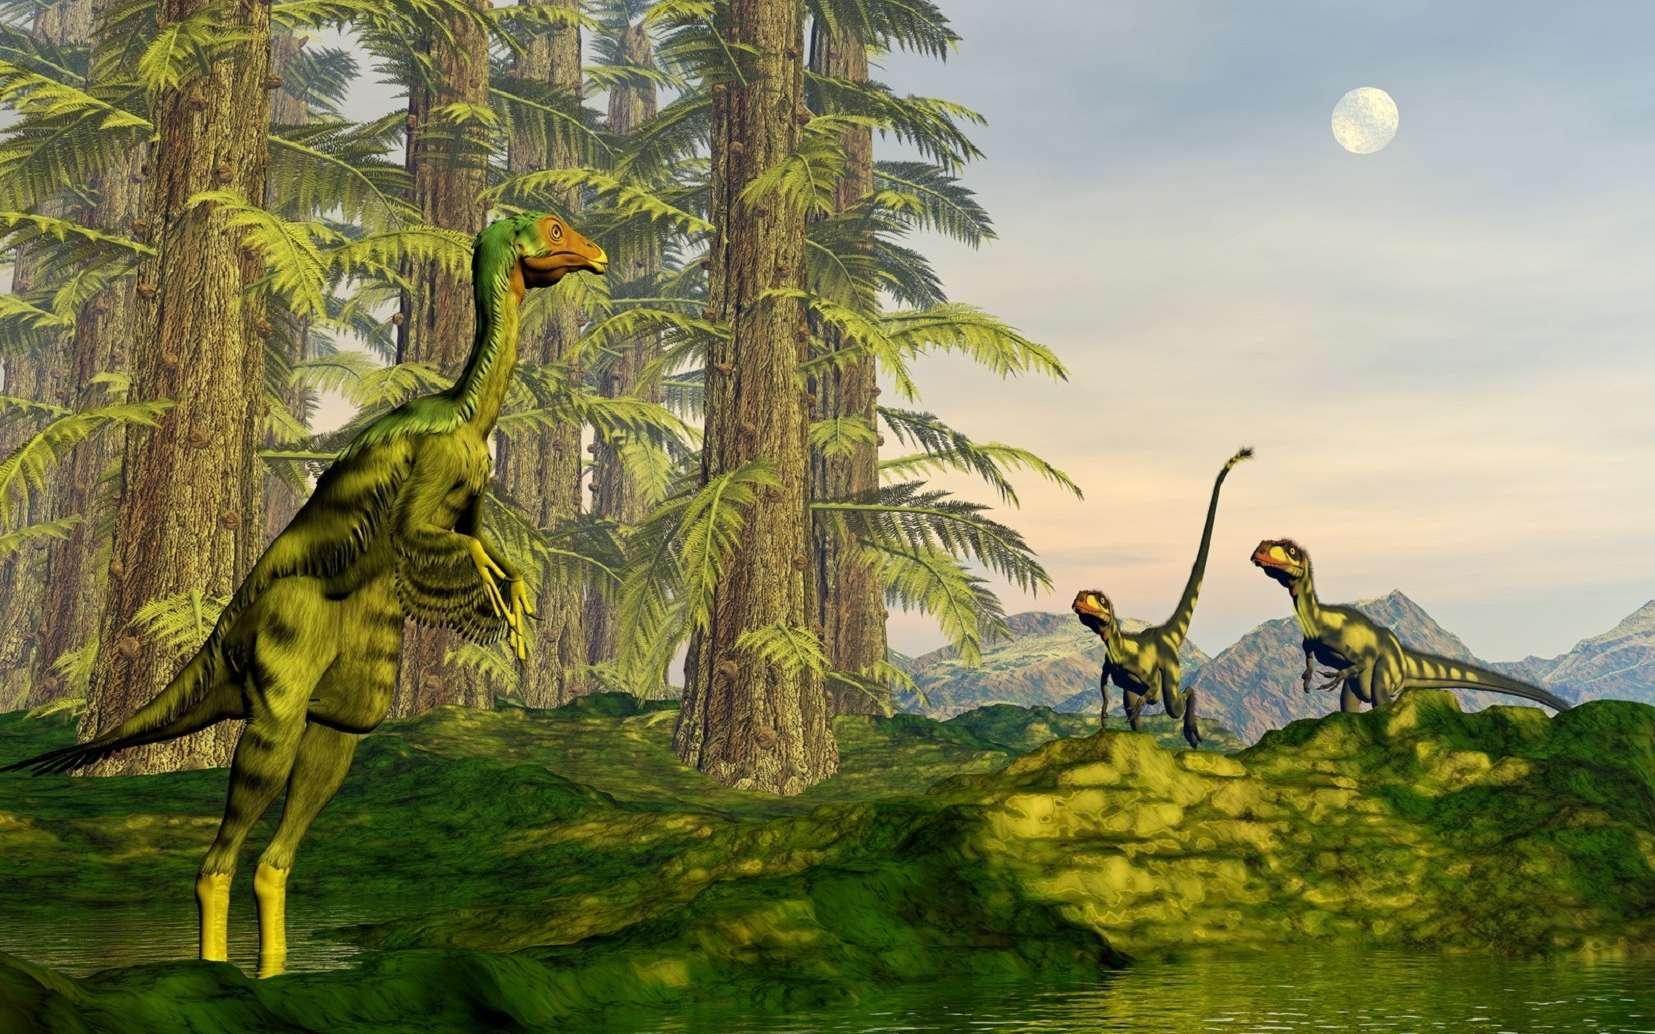 Les chercheurs ont modélisé la course du dinosaure Caudipteryx. © Elenarts, Fotolia